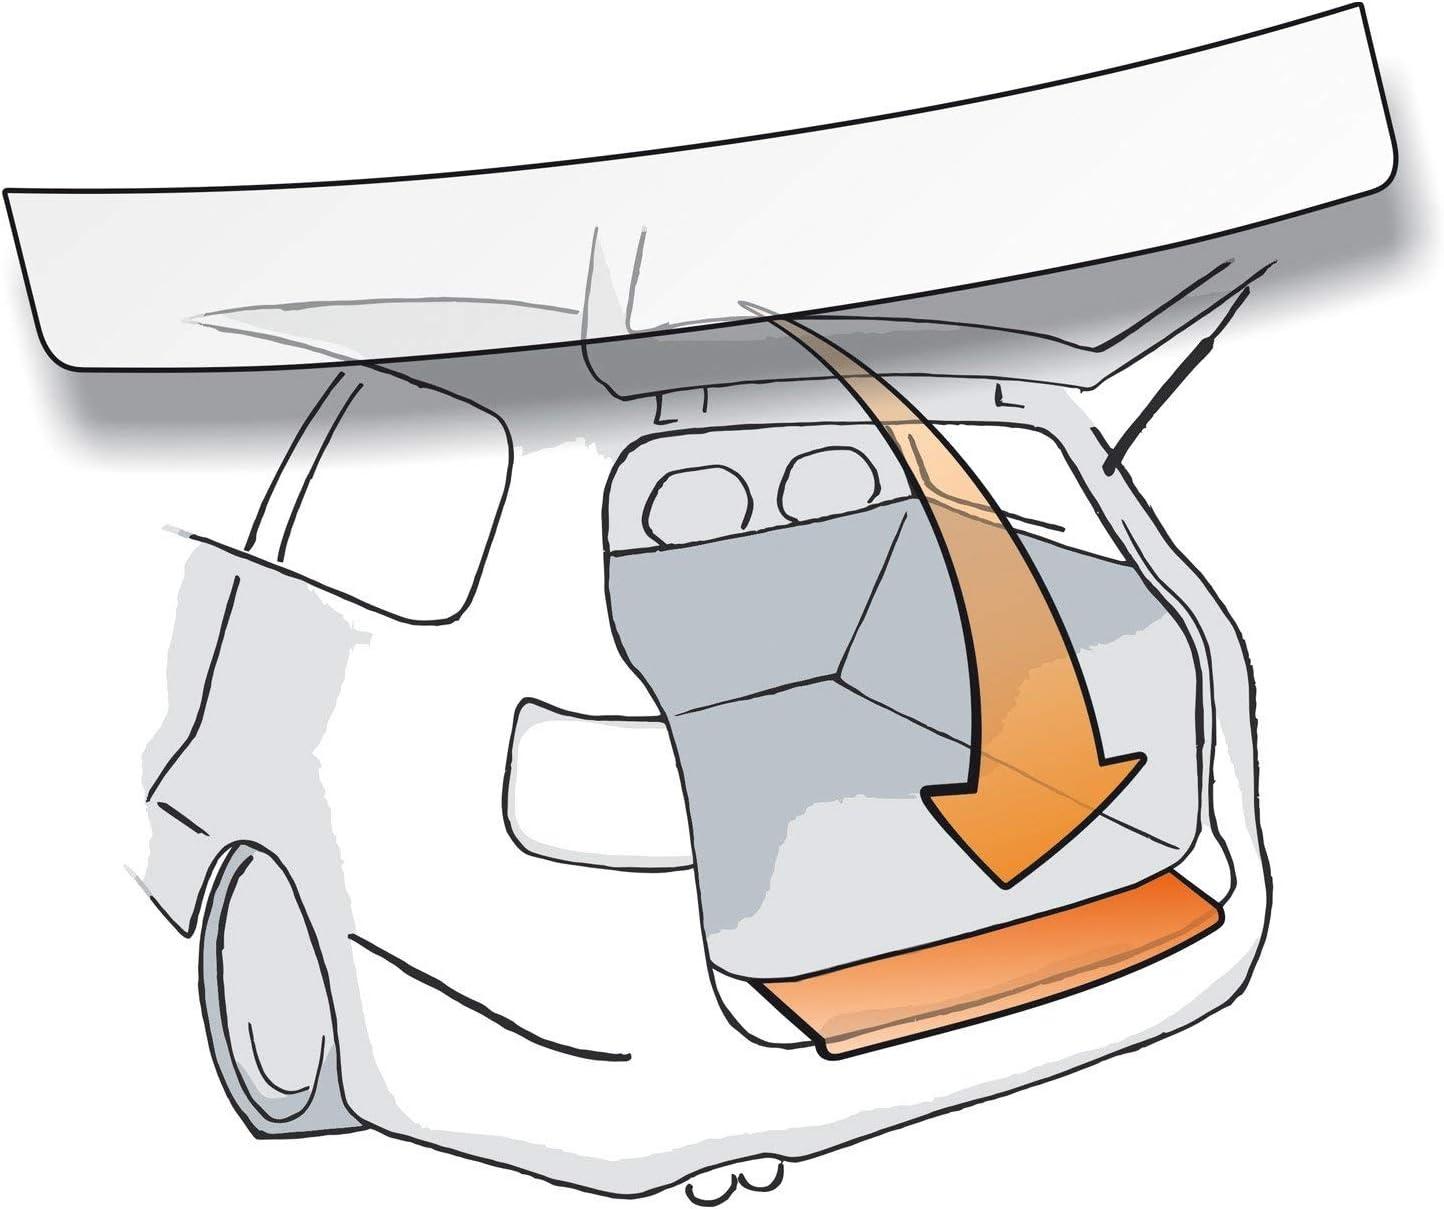 Lackschutzshop Autofolie und Schutzfolie Passform Lackschutzfolie als Selbstklebender Ladekantenschutz transparent 150/µm f/ür Modell Siehe Beschreibung 100/% zugeschnitten robust passend fertig